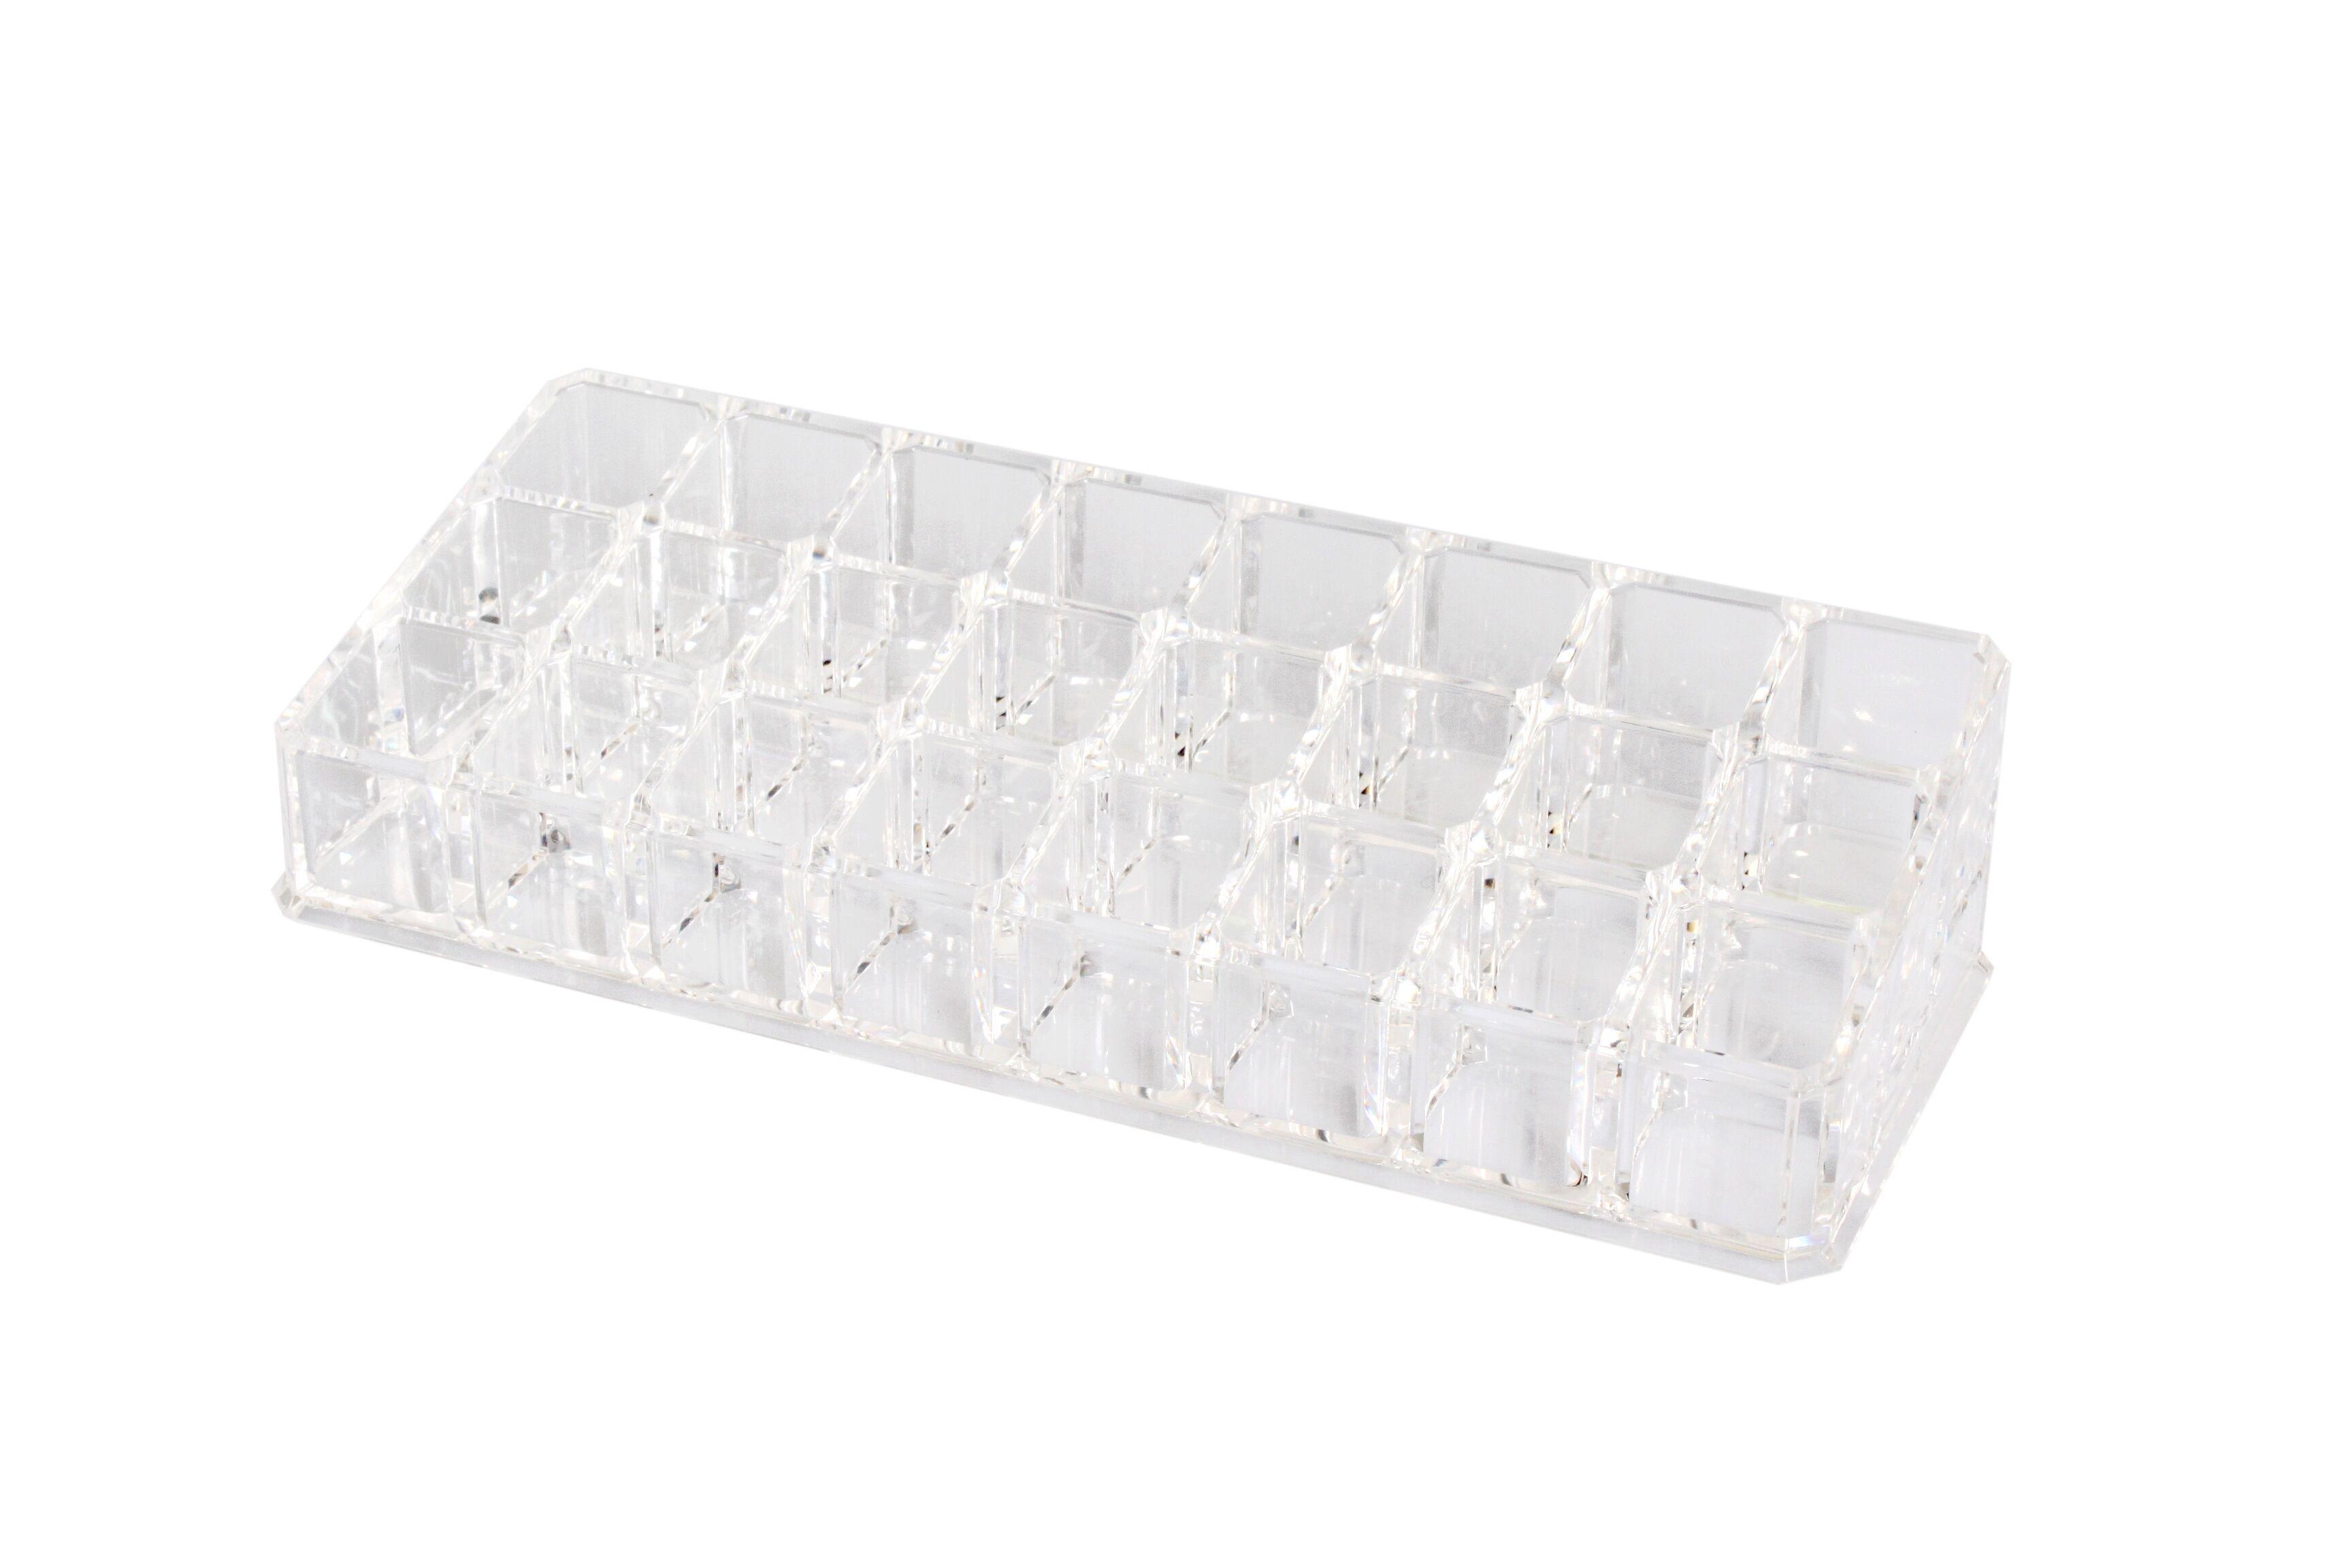 . Soldes - Porte rouge à levres transparent 24 compartiments